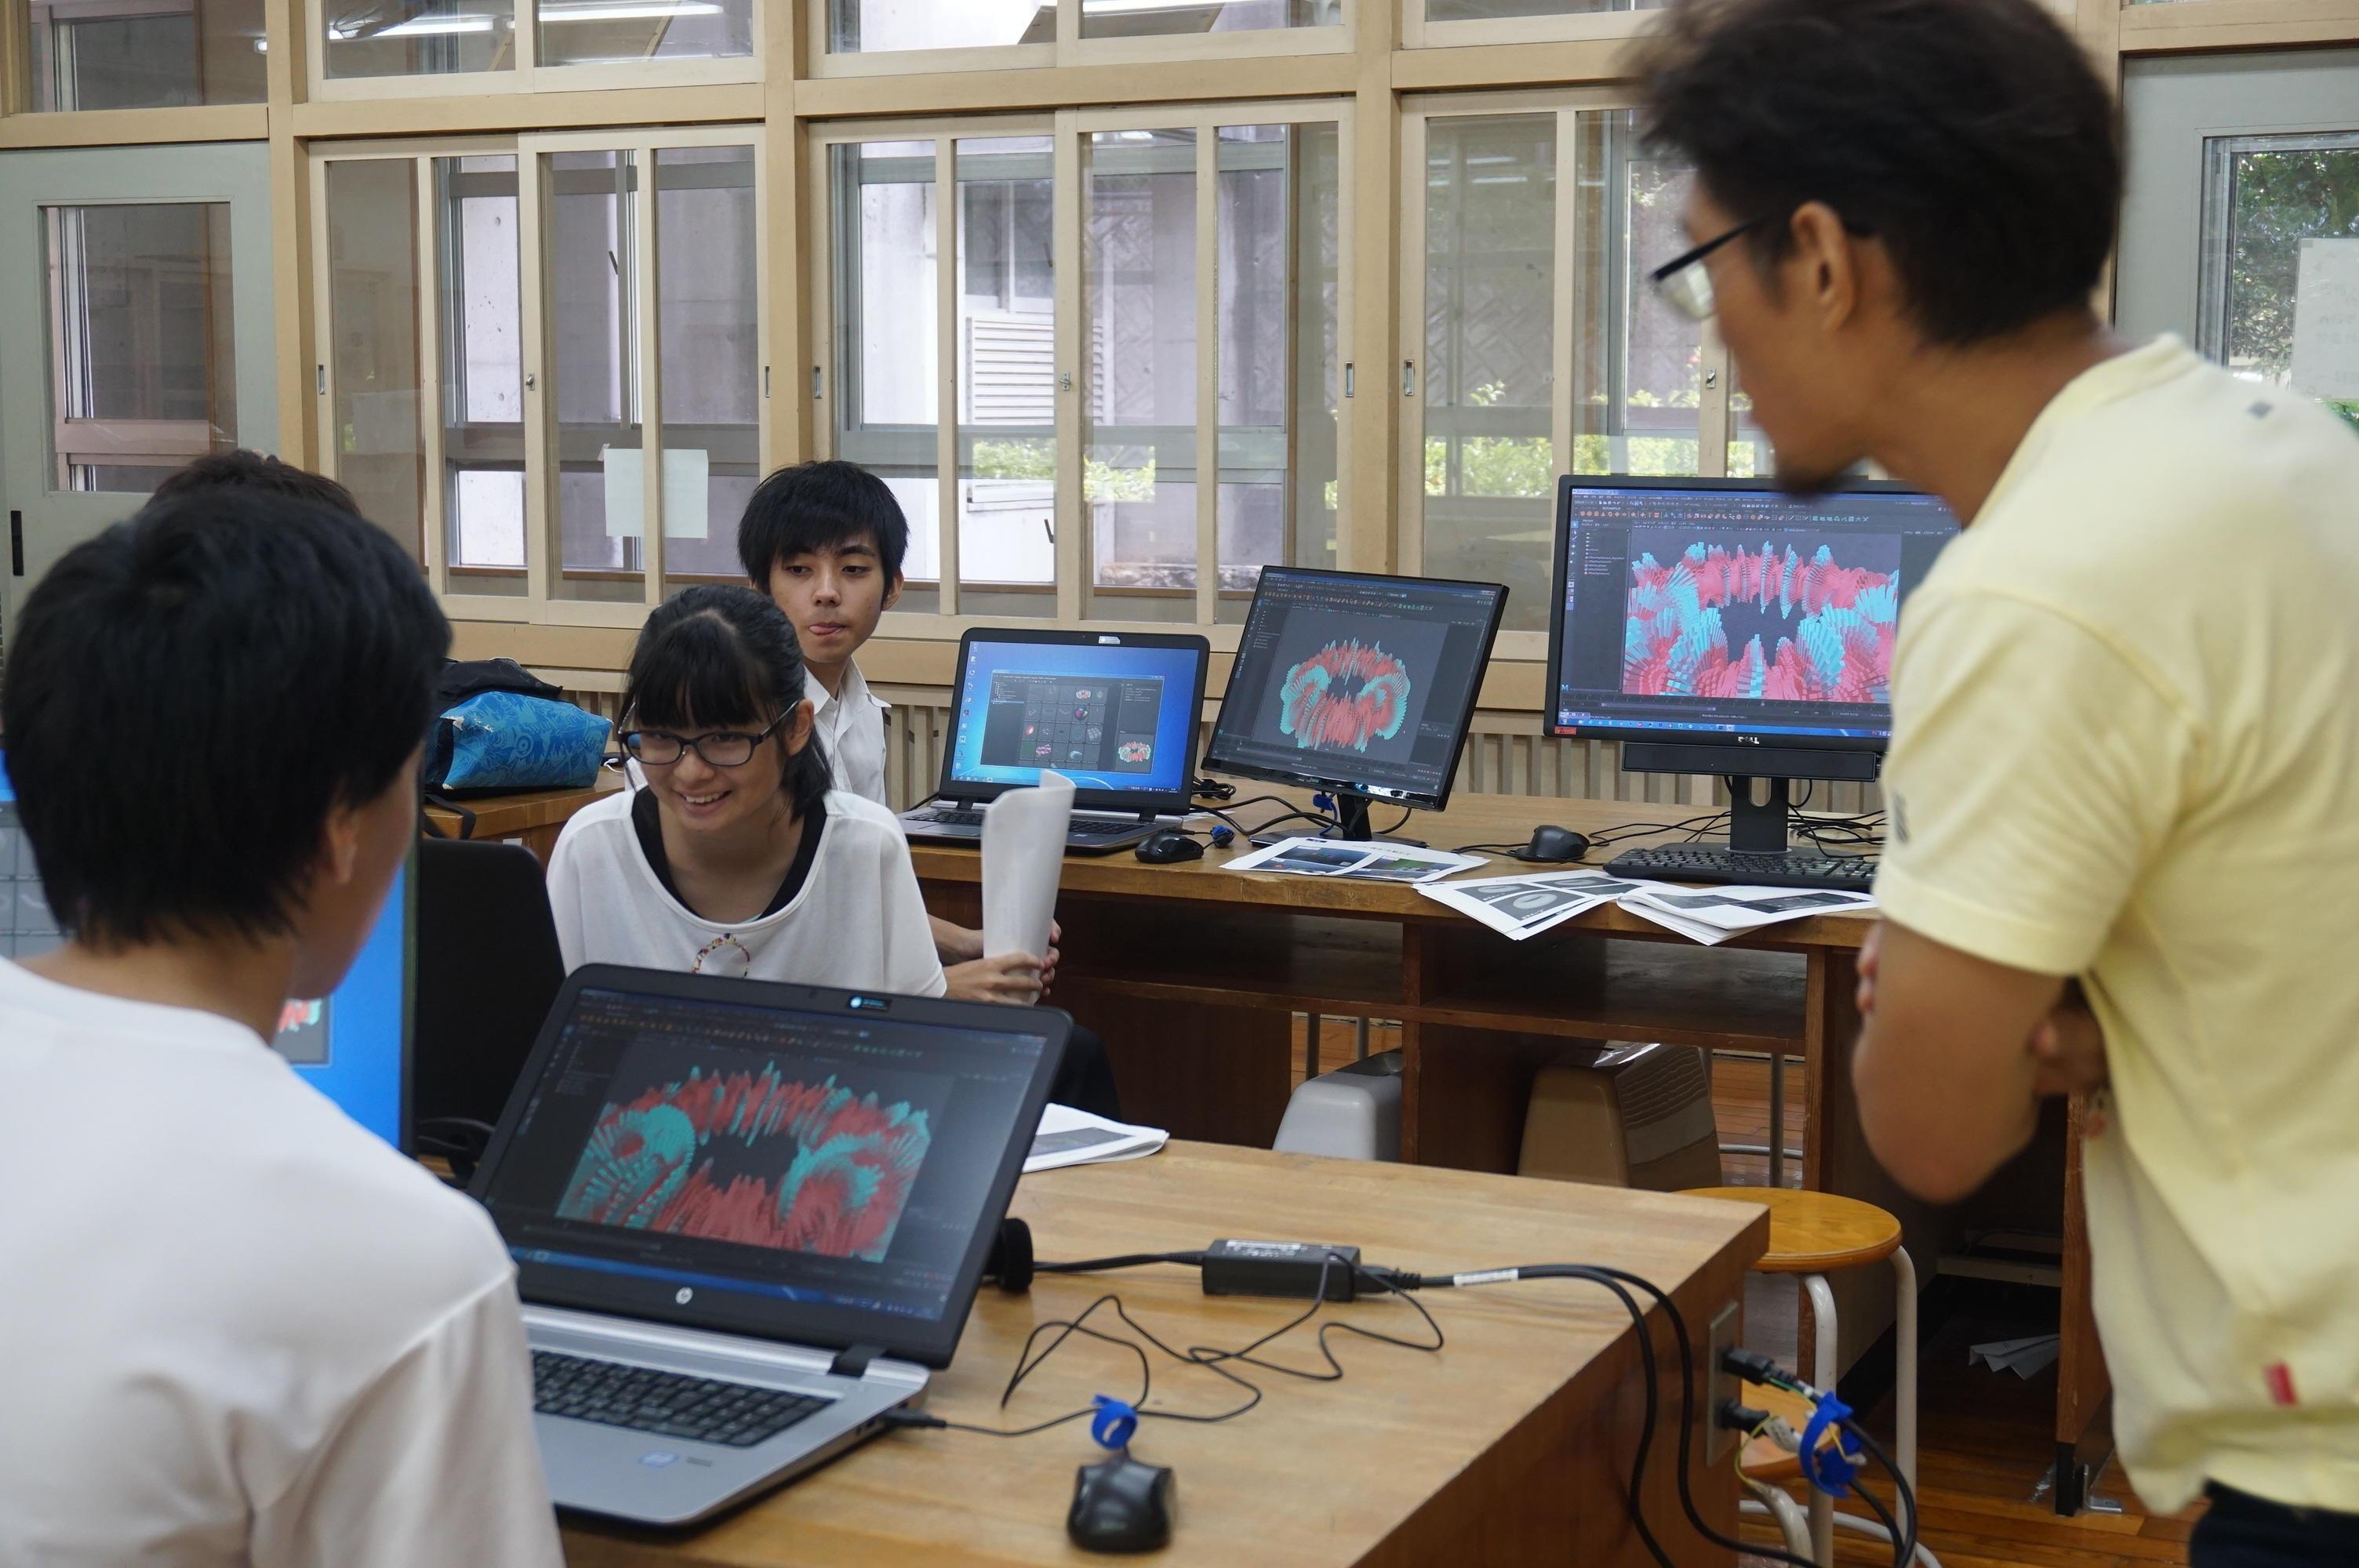 http://news.yoshimoto.co.jp/20170912124853-caafe414885fa0d844fce7e75a2a762973aaf5c6.jpg